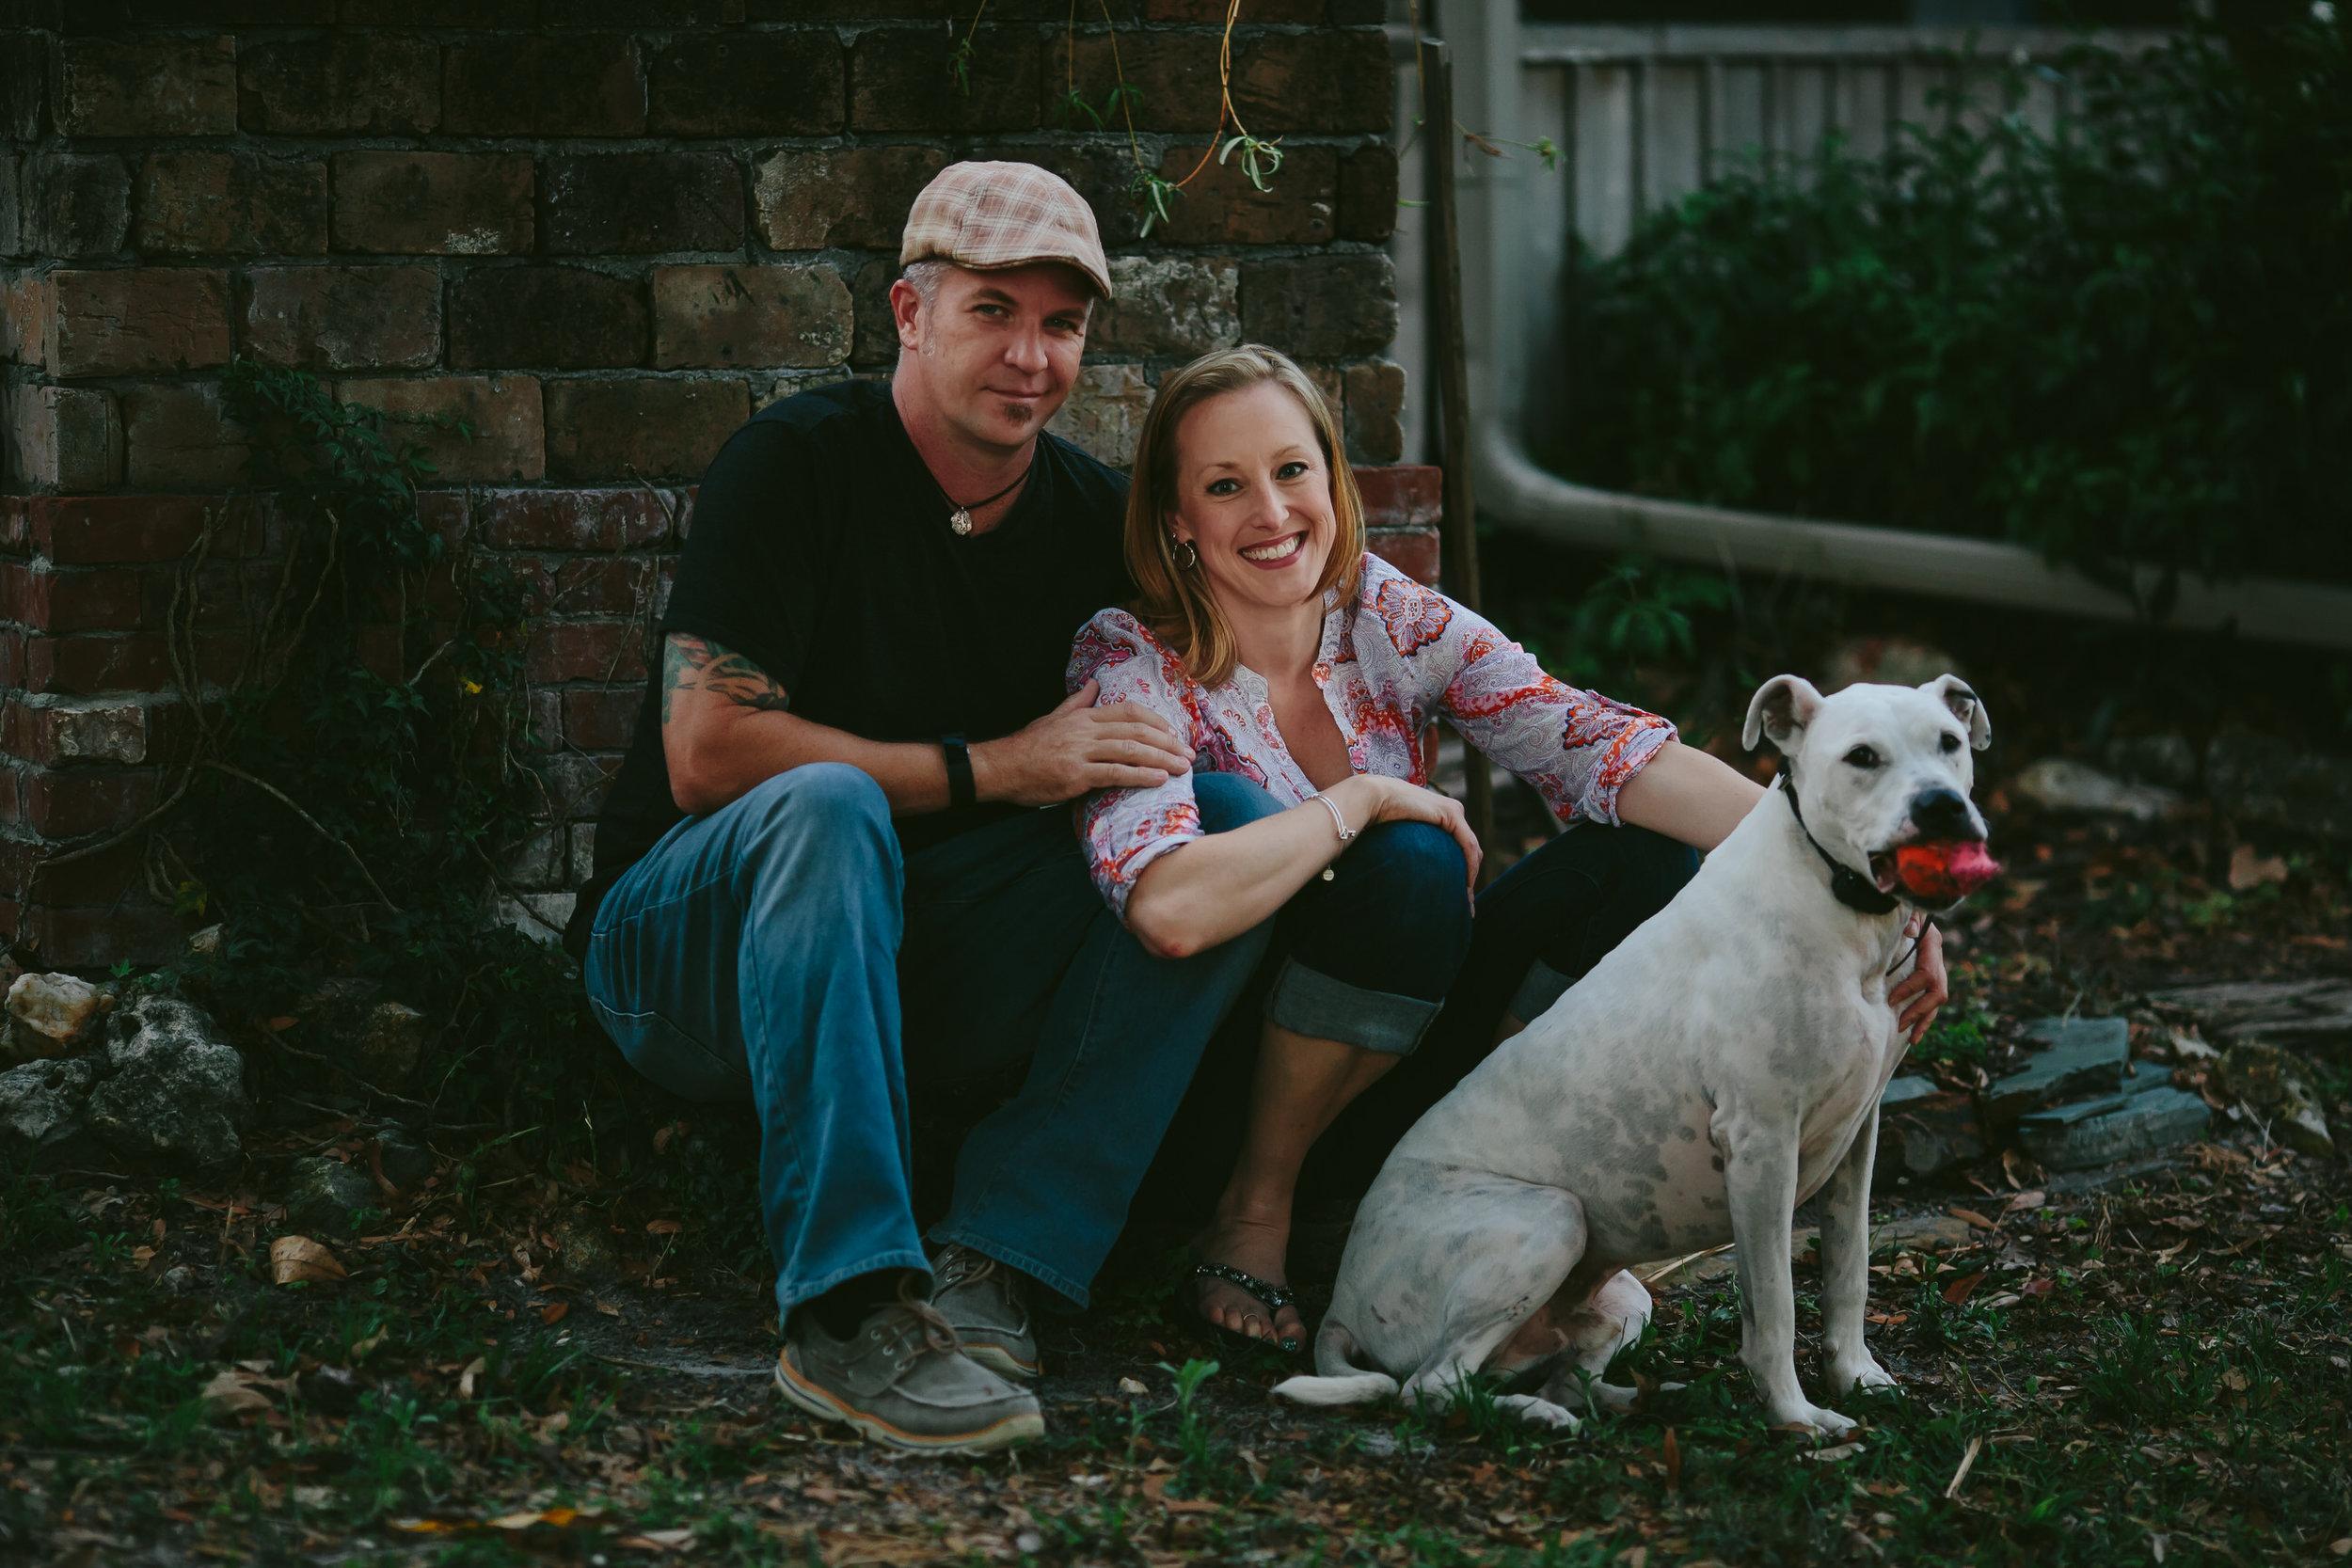 engagement_portraits_dog_pet_tiny_house_photo.jpg